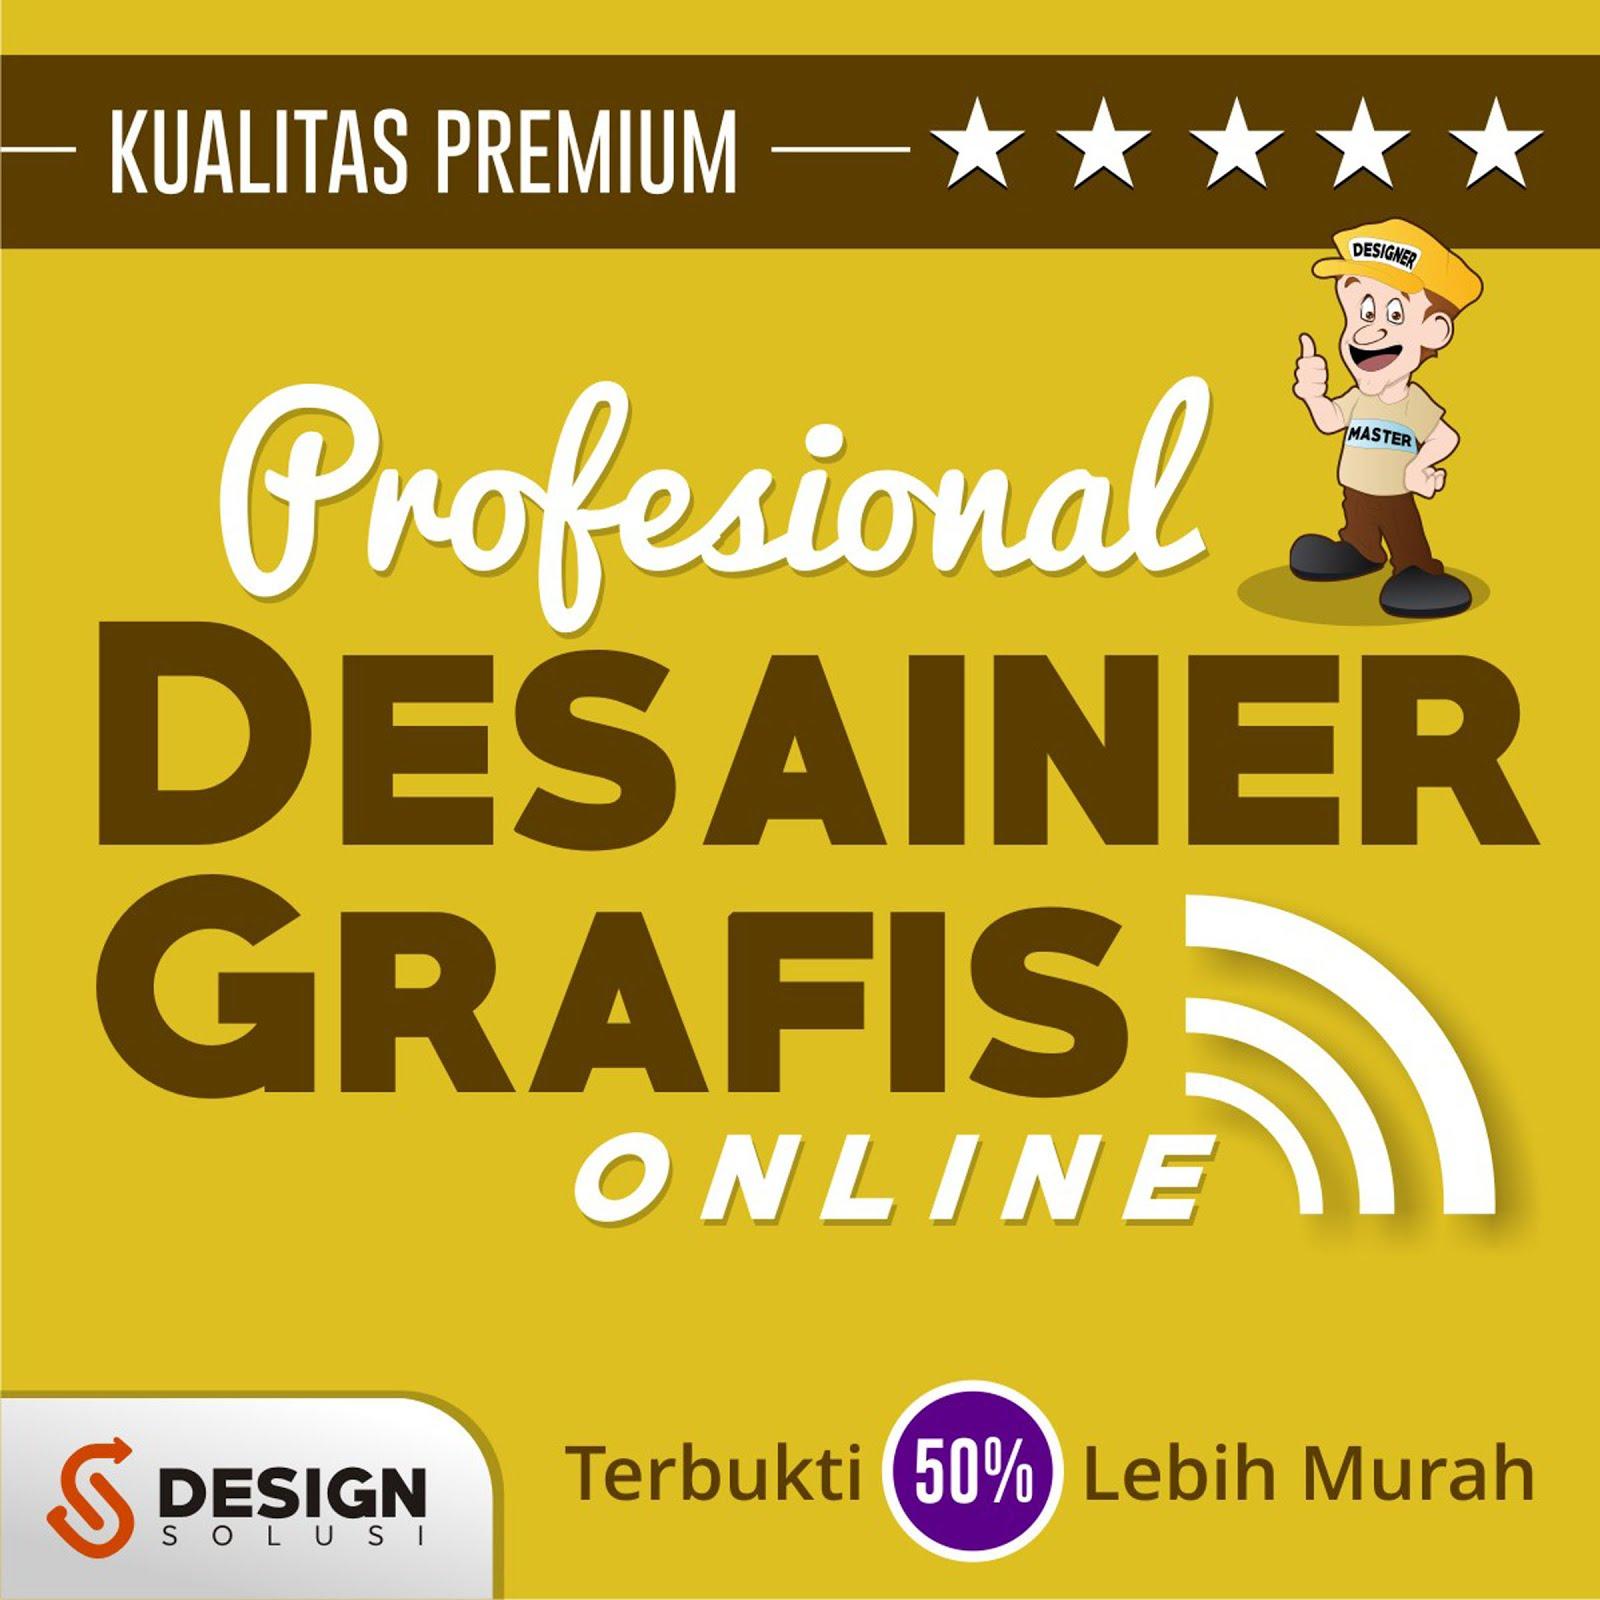 Jasa desain online